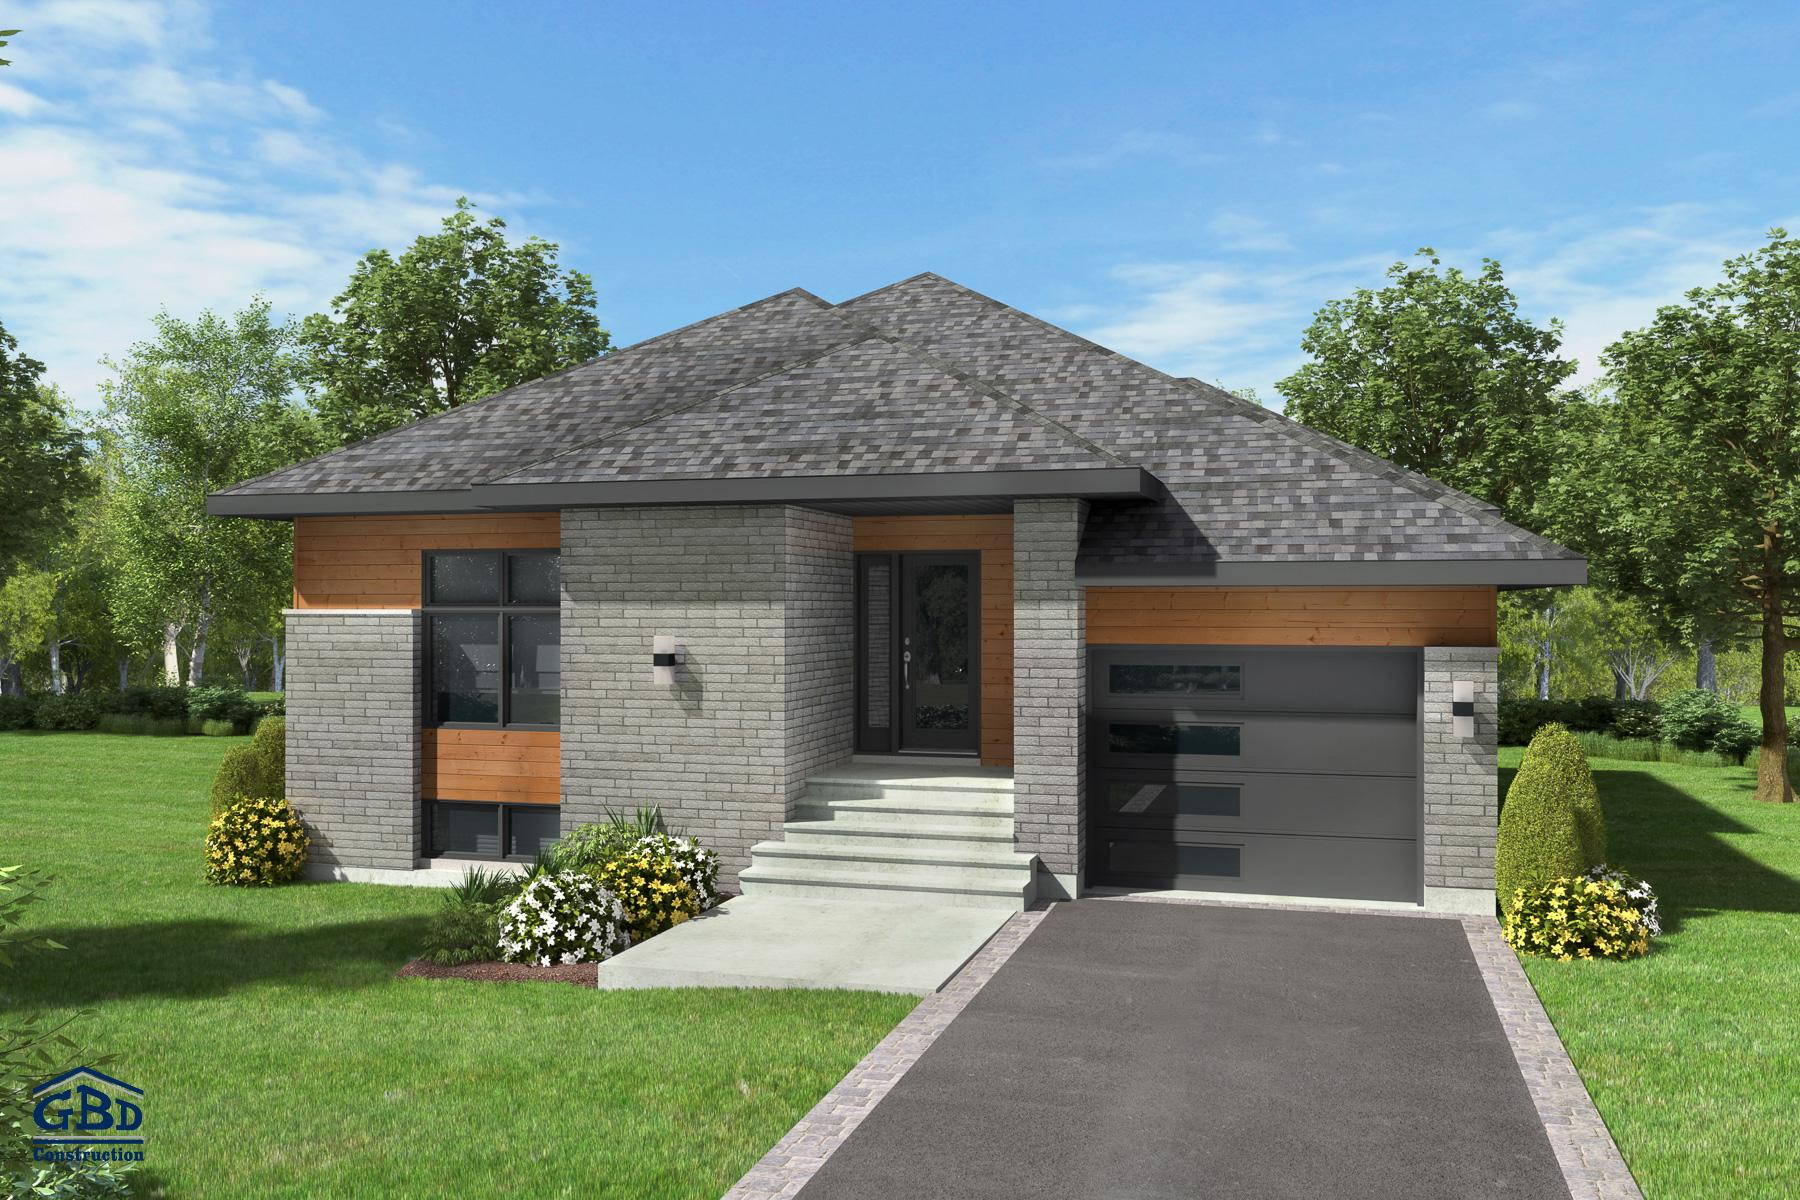 Actuel - Maison neuve à un étage de type plain-pied | GBD Construction